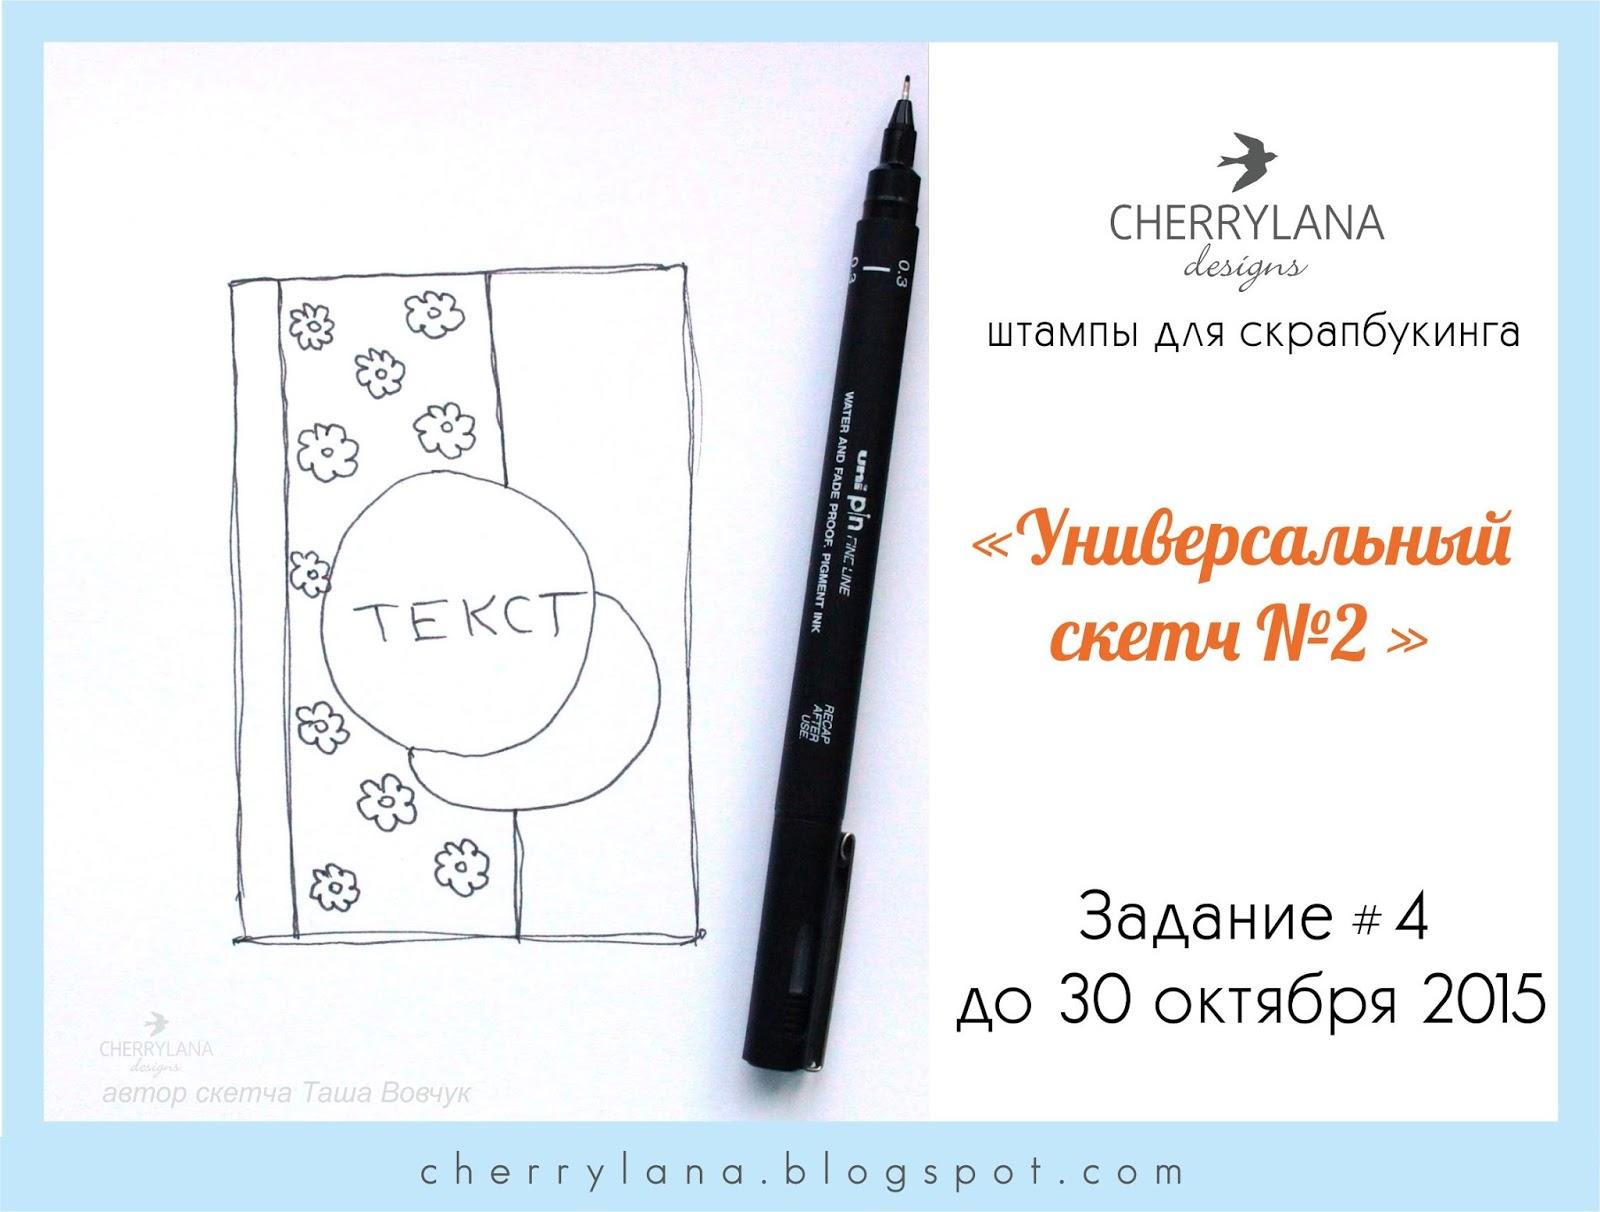 http://cherrylana.blogspot.com/2015/10/4-2.html